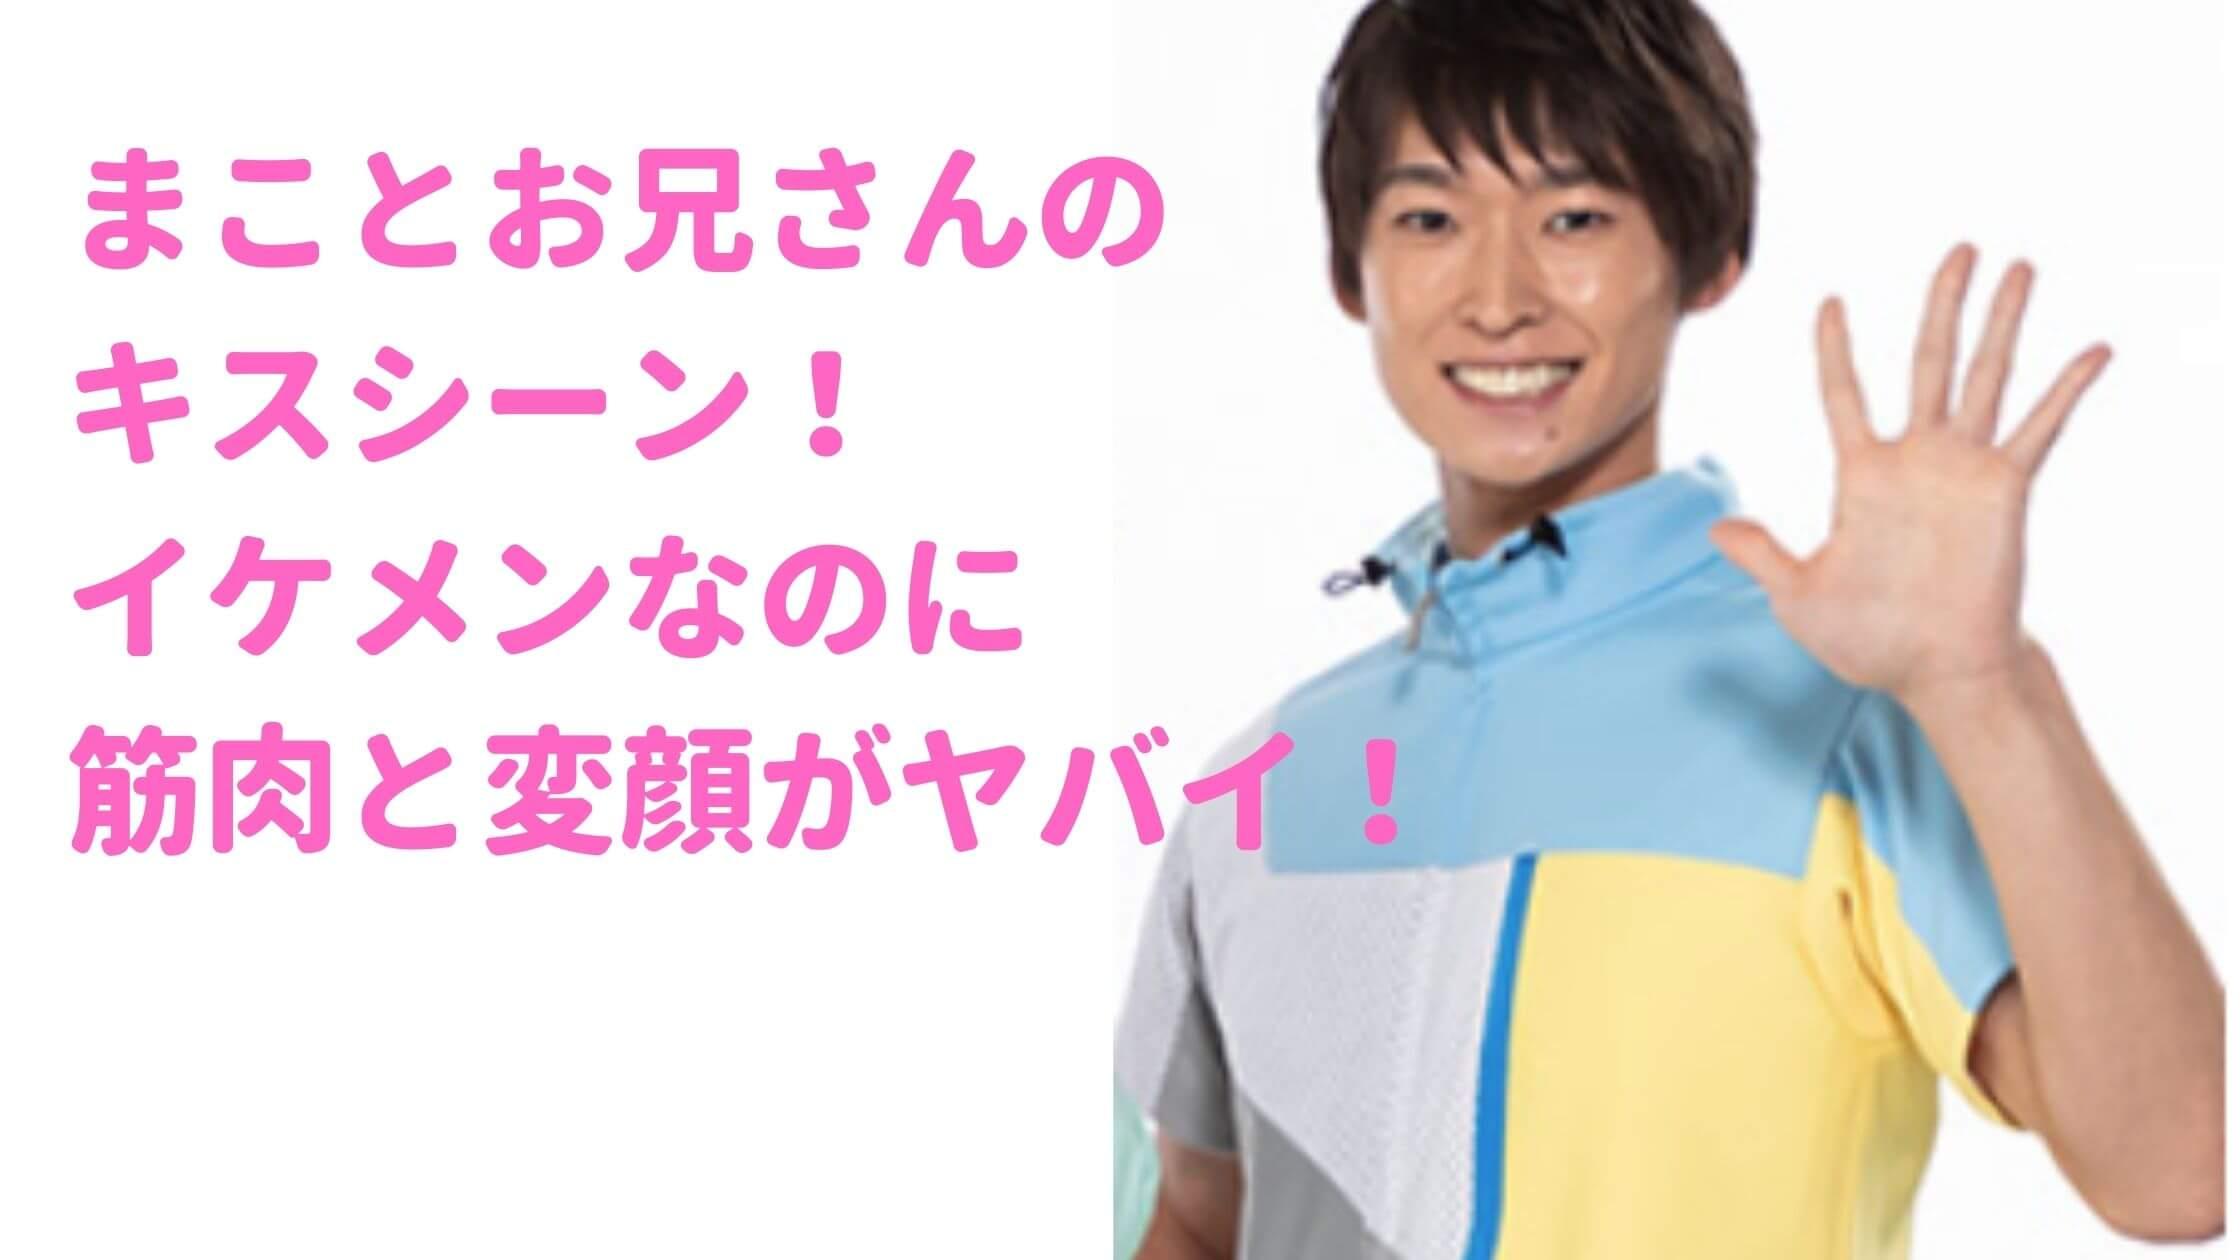 まことお兄さん 福尾誠 キスシーン 筋肉 変顔 いけめん